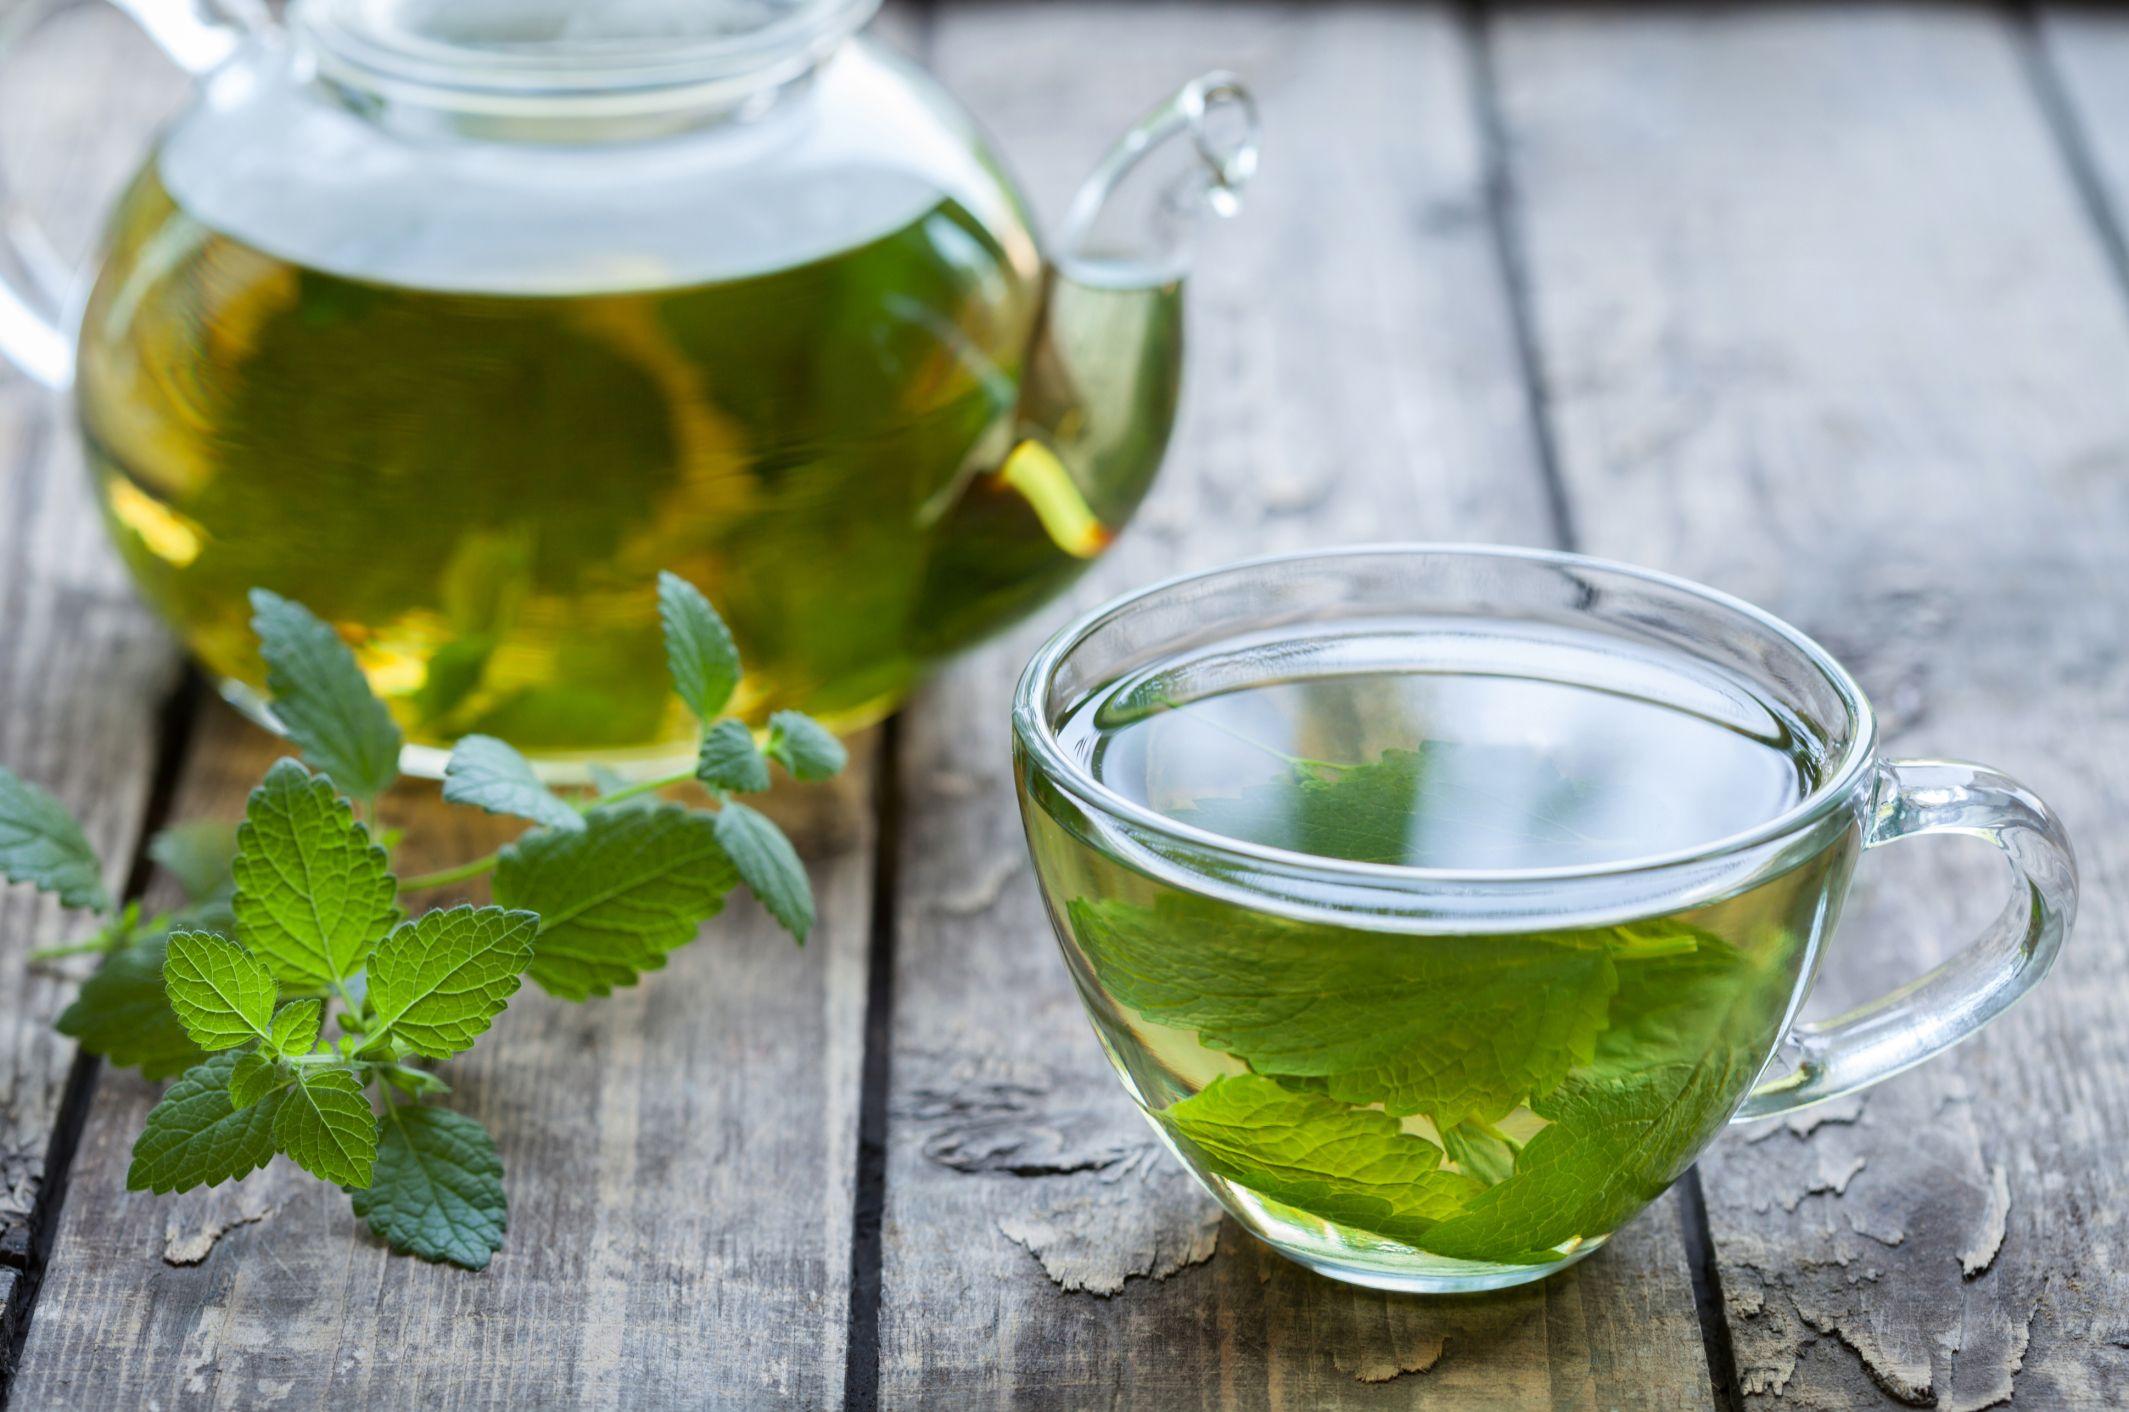 чай из мелиссы в прозрачной кружке и стеклянном заварочном чайнике